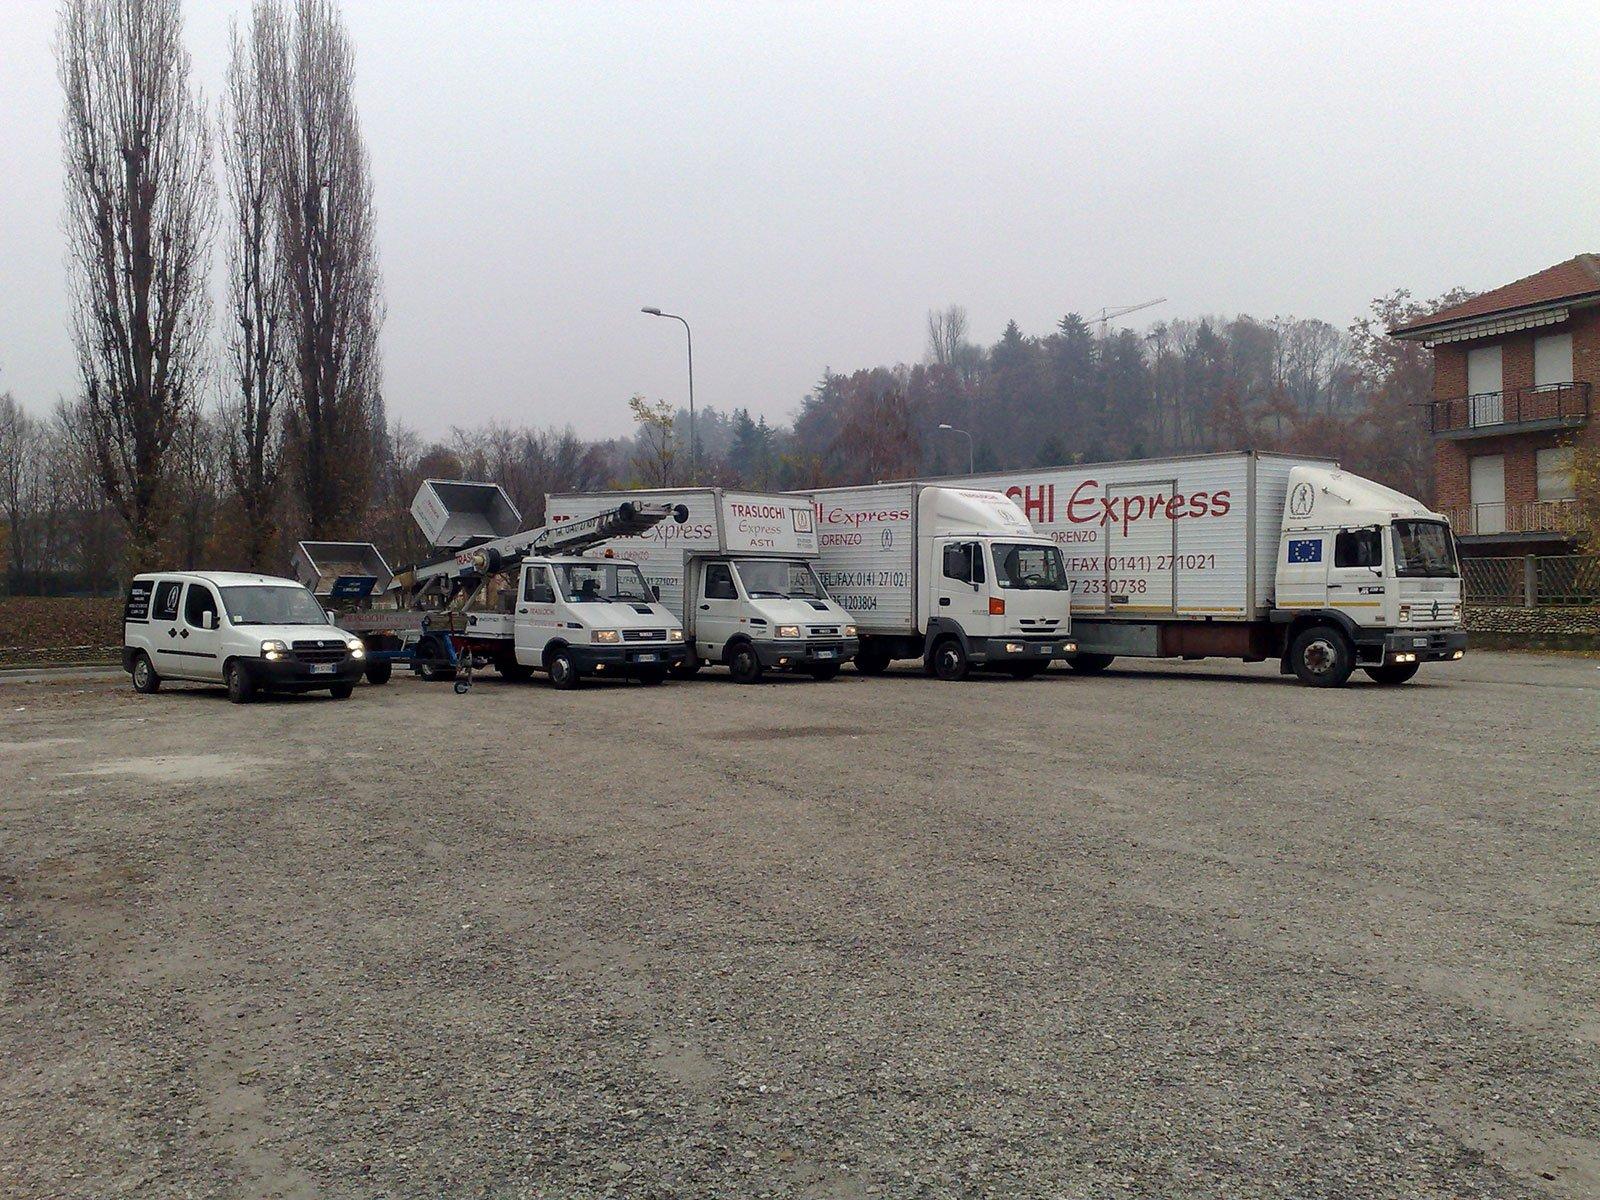 dei camion dei traslochi